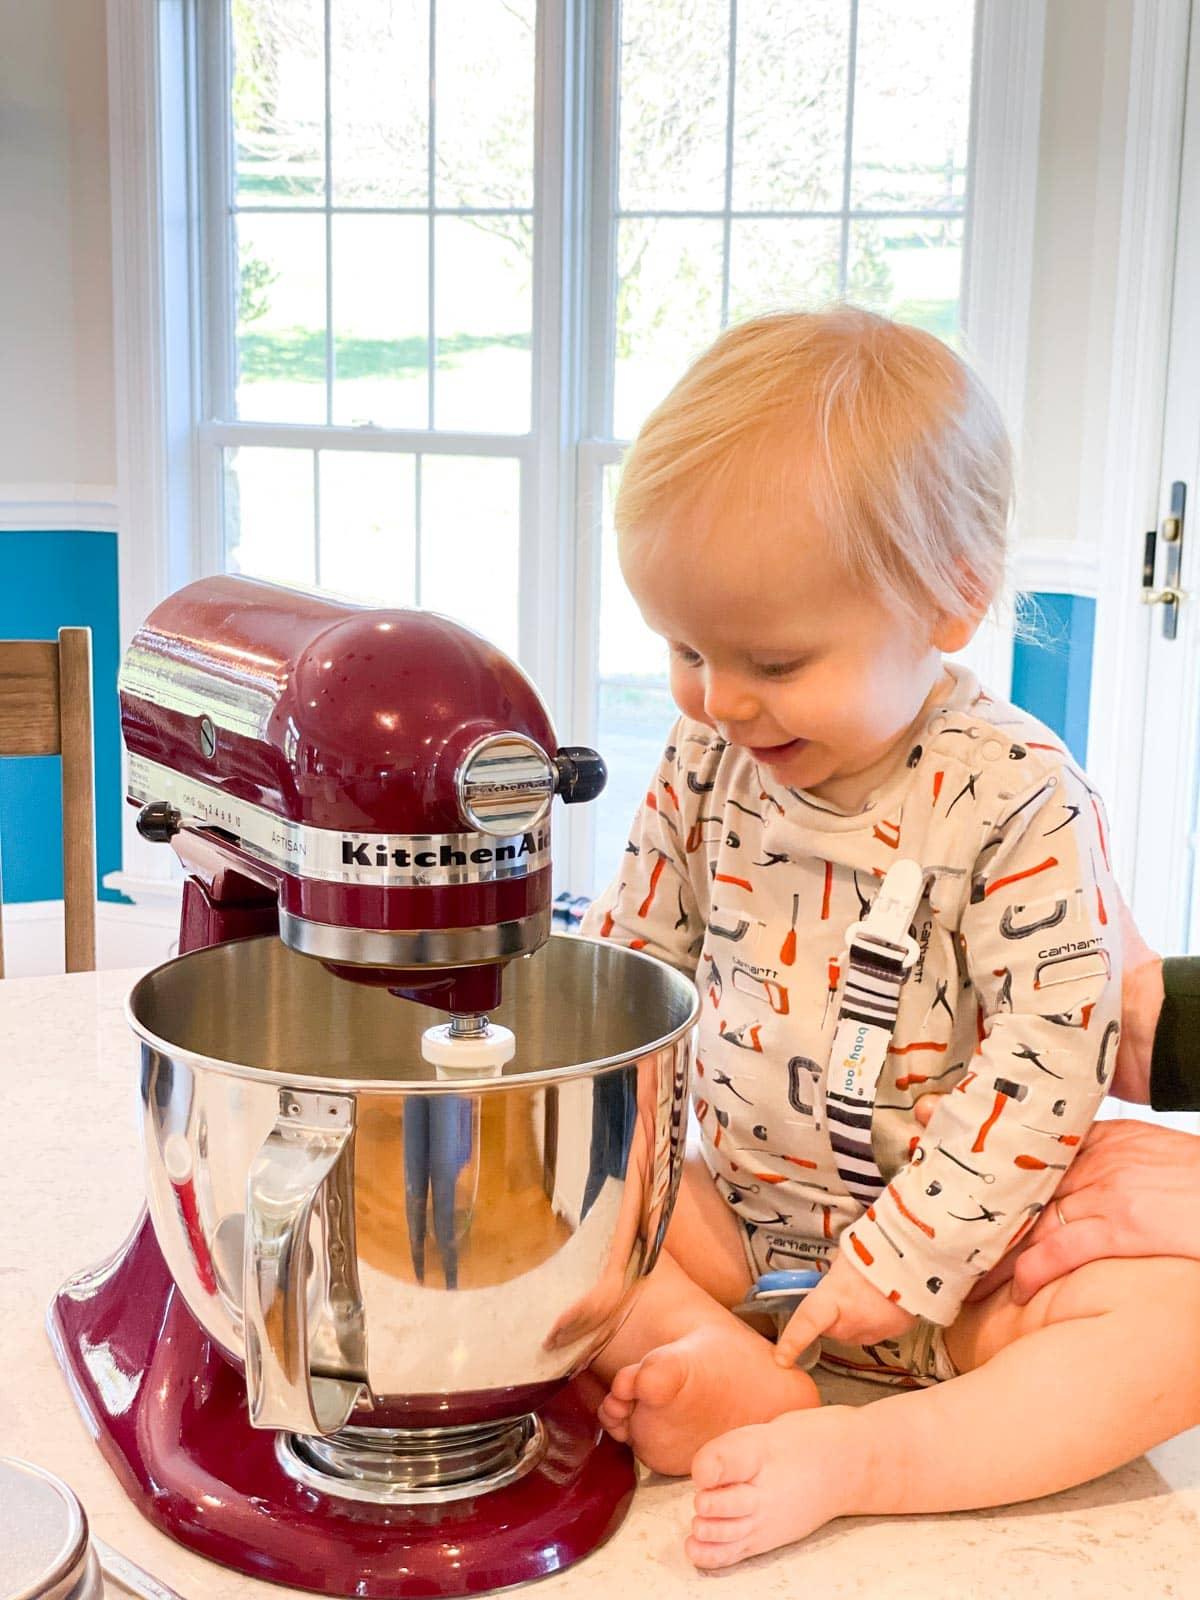 baby boy looking in mixer